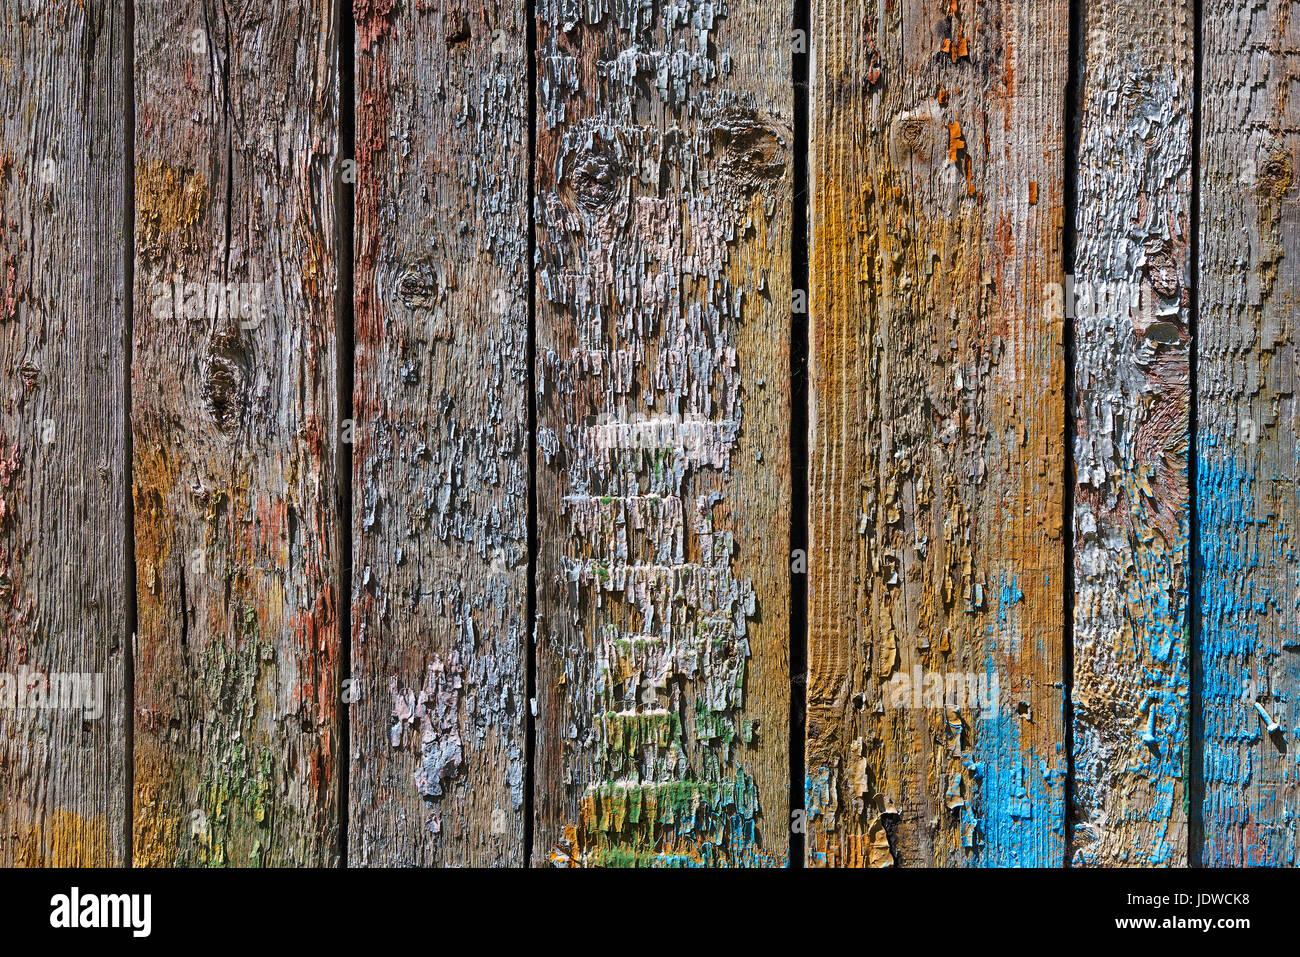 Colori Vernici Legno : Un background in legno con tavole in verticale dipinta con colori